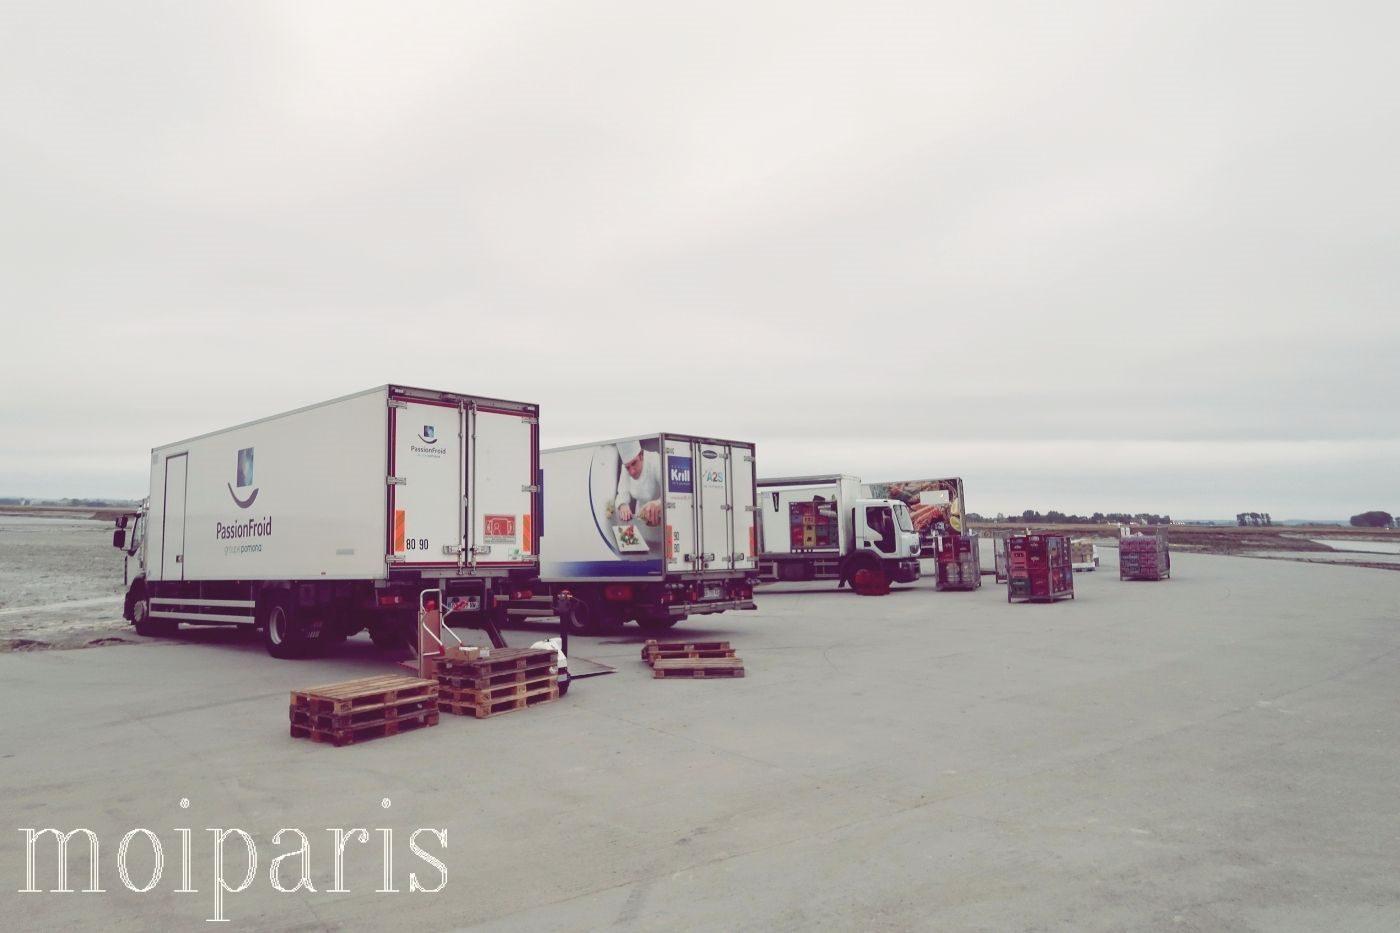 モンサンミッシェル、島の物流、トラック、物資運搬。